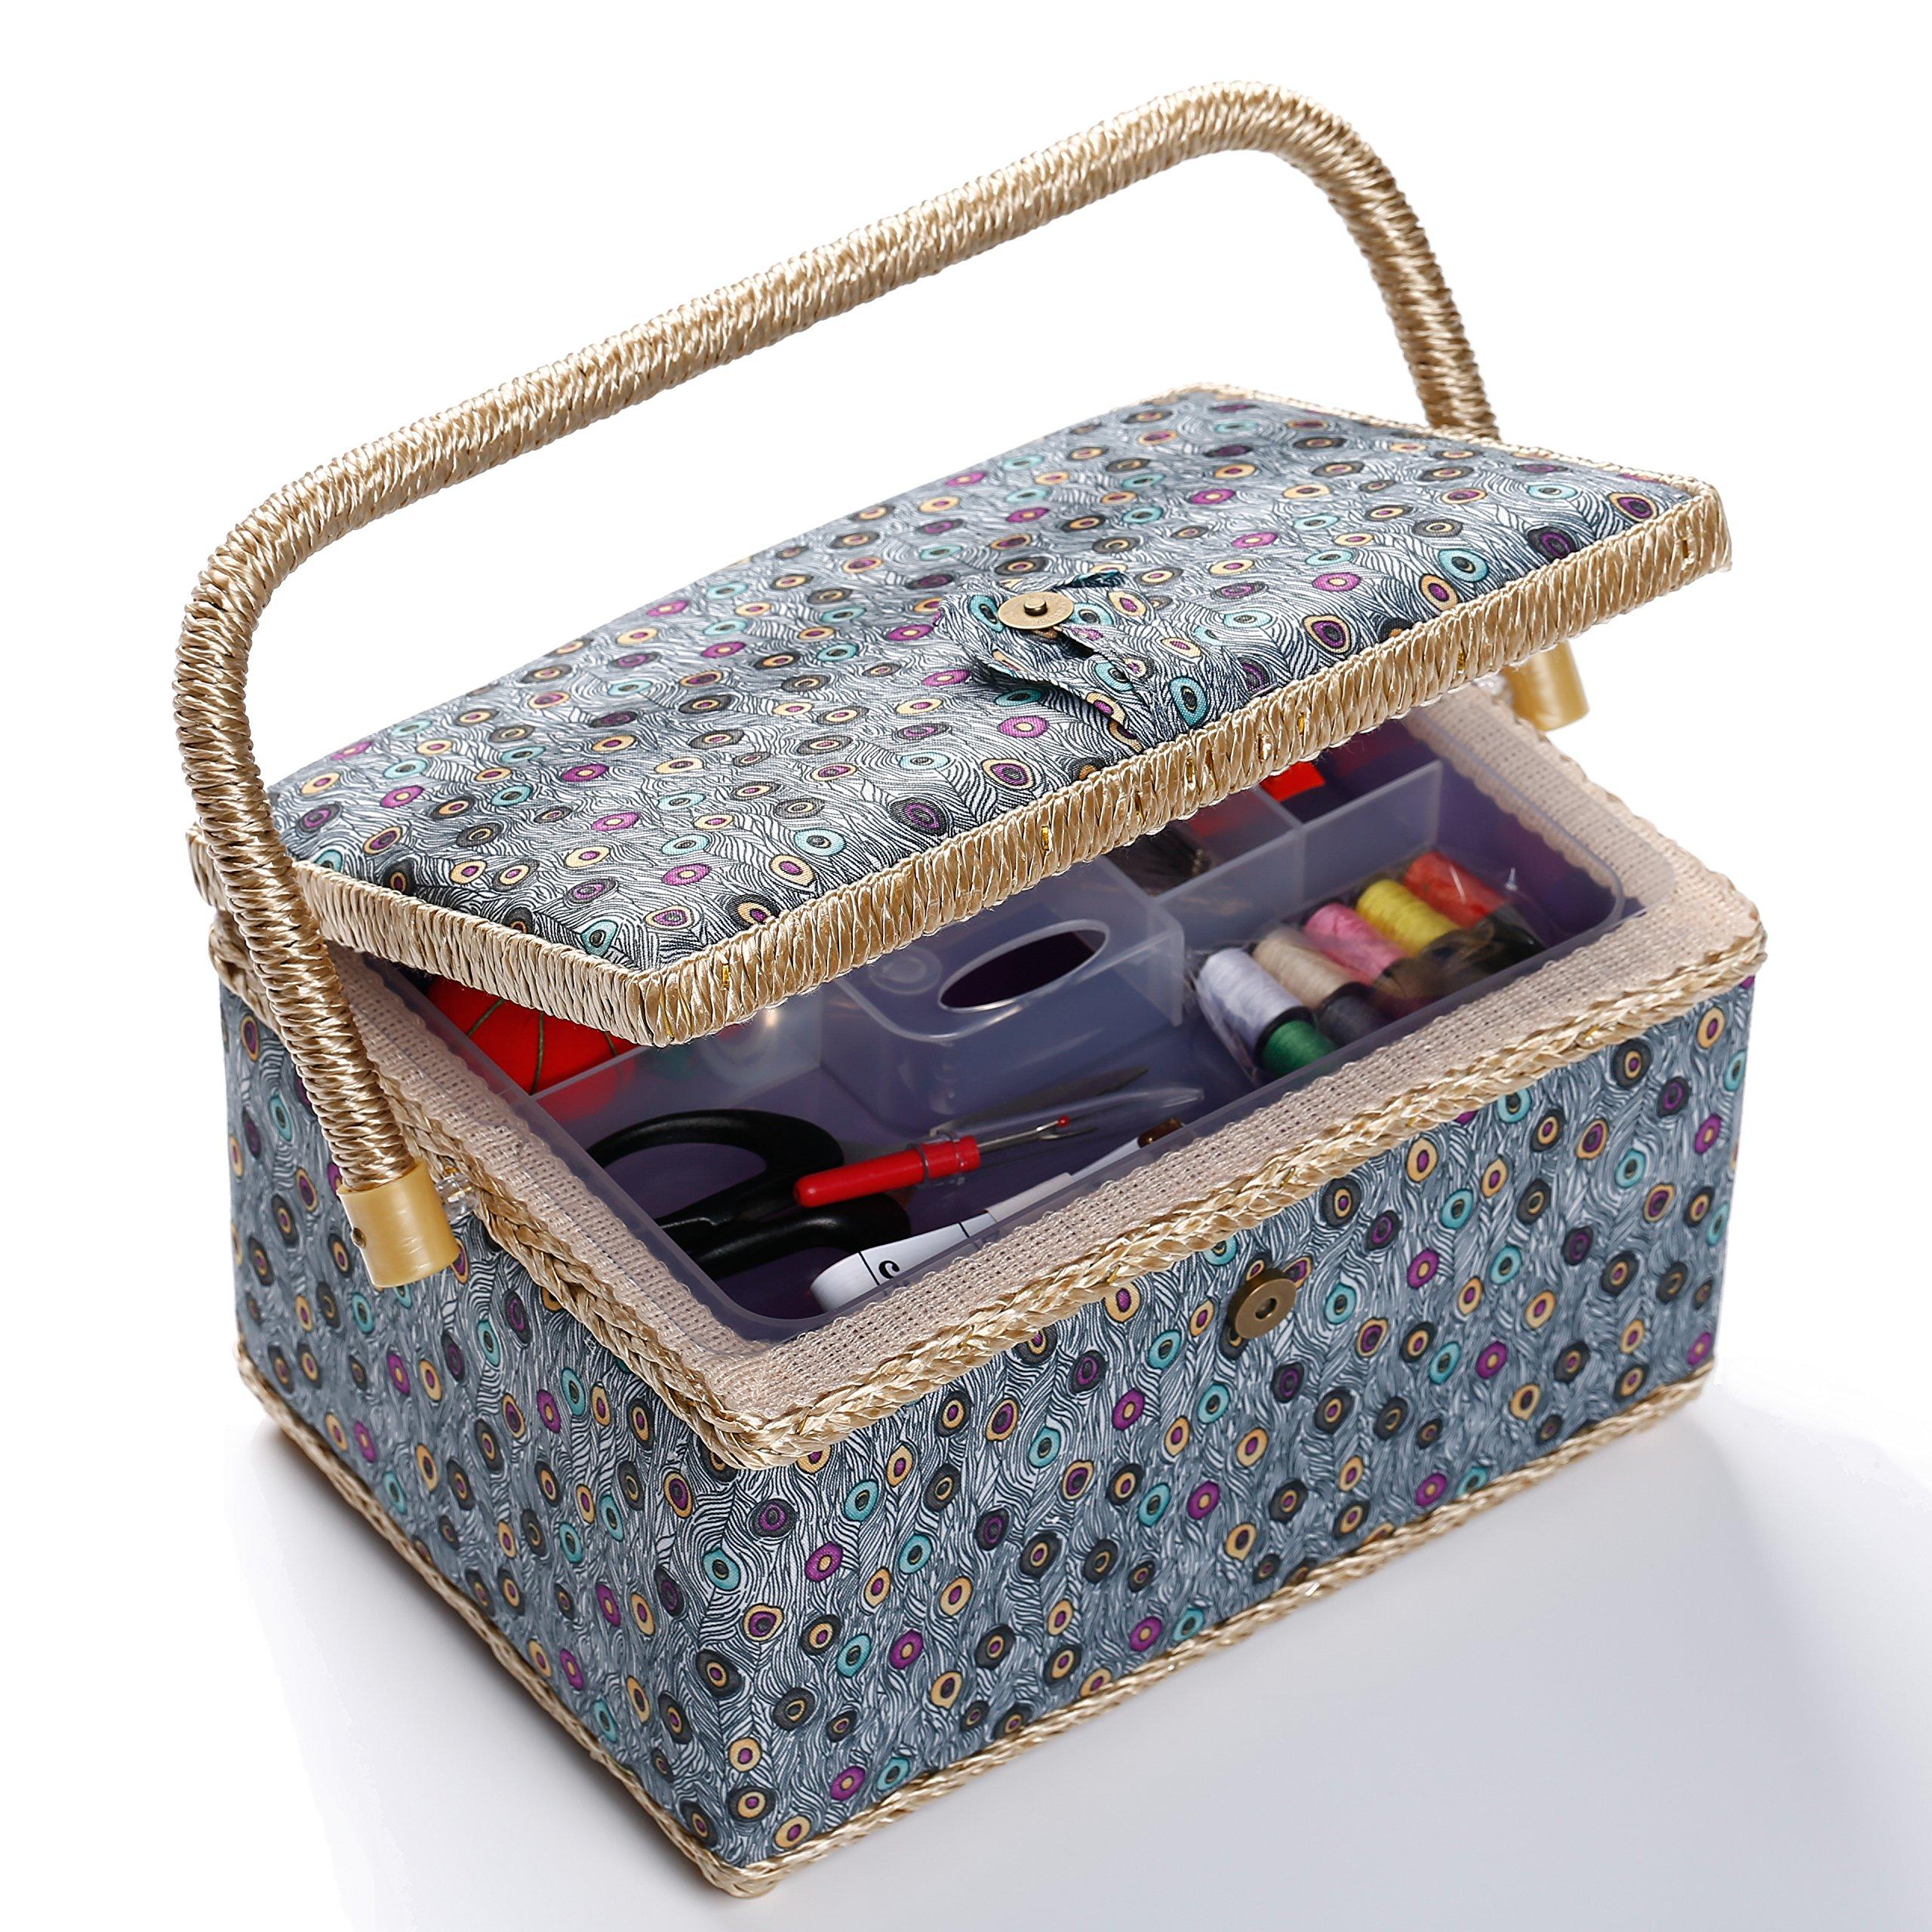 bbloop Medium Vintage Sewing Basket with Notions Package - Blue Peacock Style by bbloop